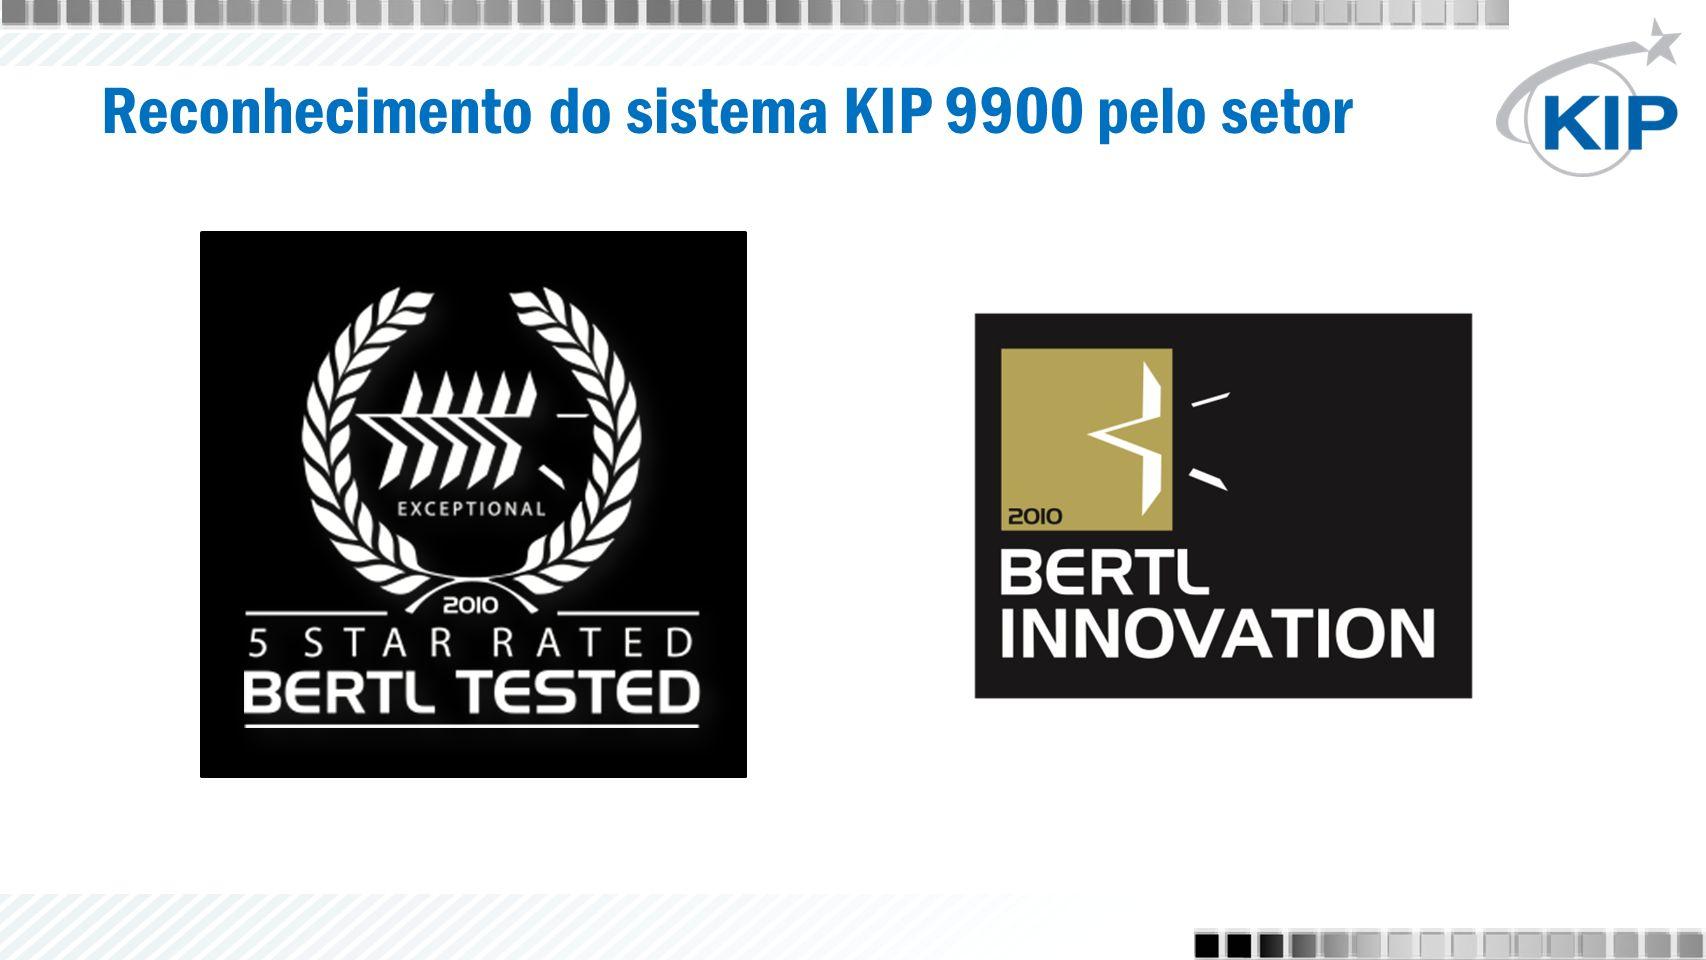 Reconhecimento do sistema KIP 9900 pelo setor